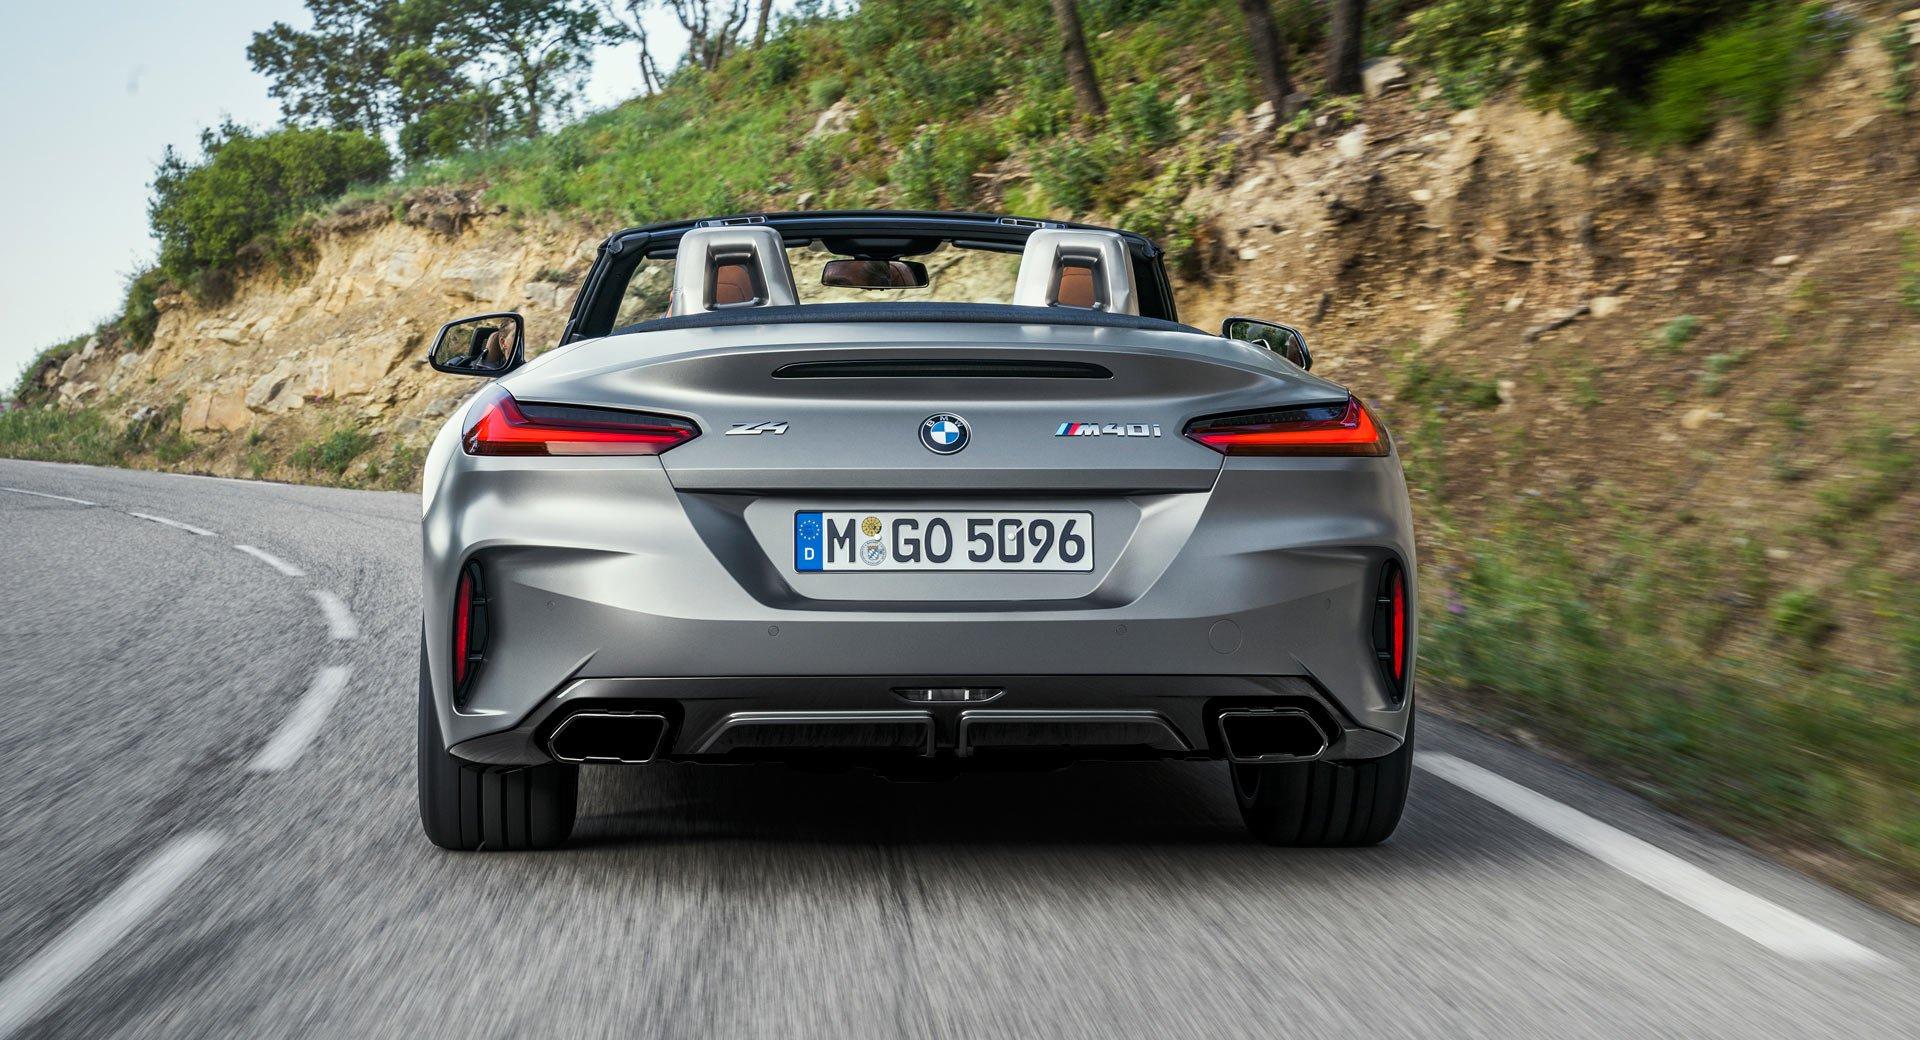 2019 BMW Z4 3 - BMW 2019 Z4 sDrive backside 4k - bmw z4 background, bmw z4 back front wallpapers, bmw 4z back side, bmw 2019 z4 backgraound